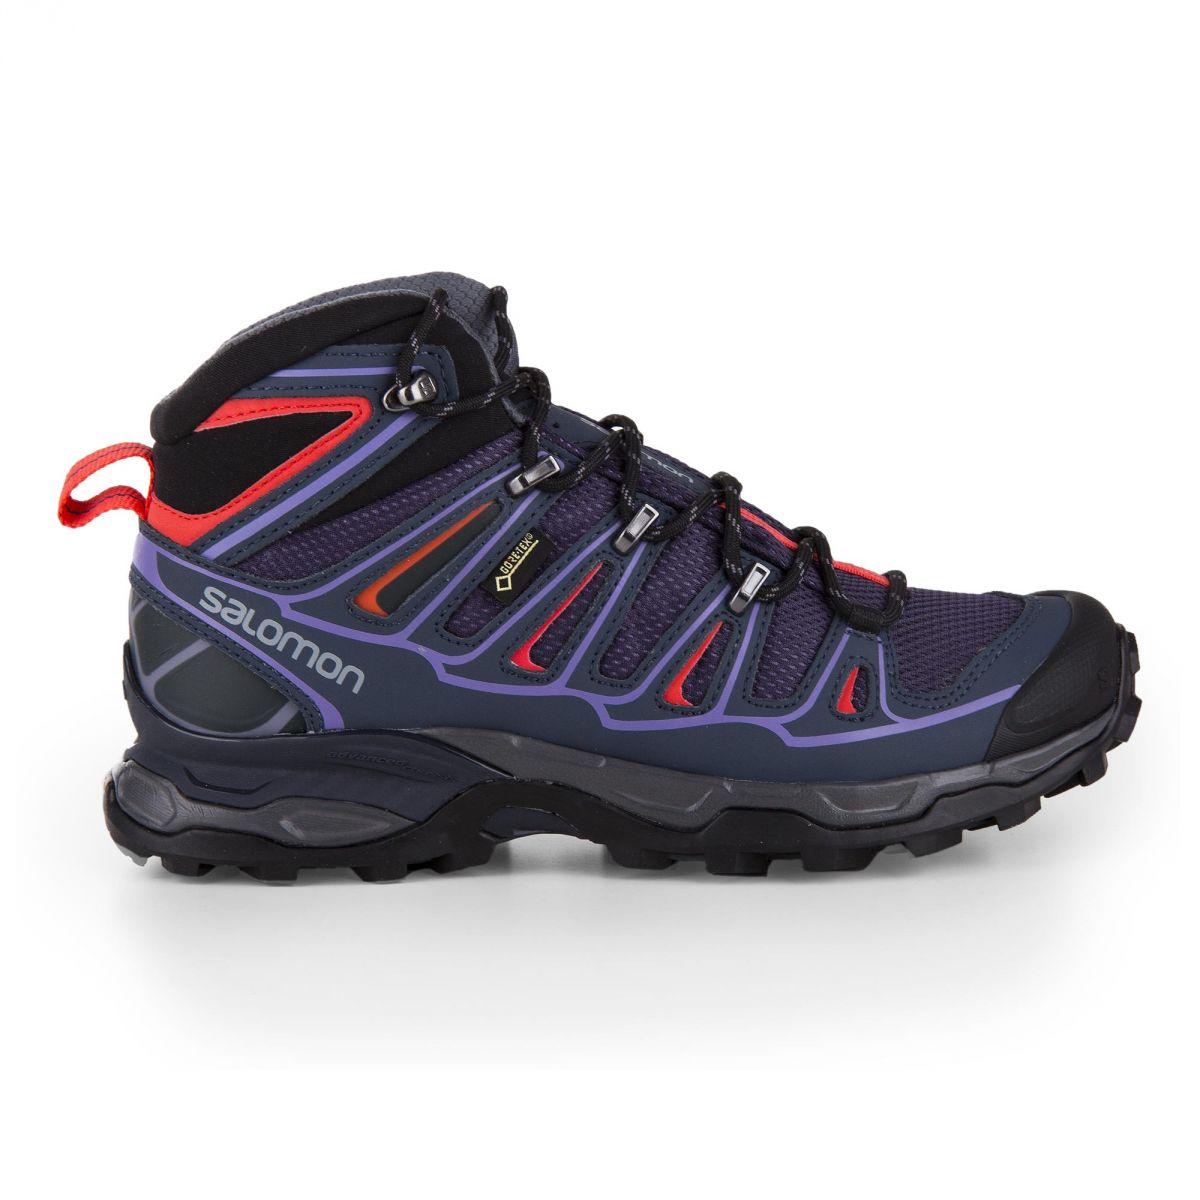 best service 74634 d435e chaussures-de-marche-violette-gore-tex-femme-salomon.jpg